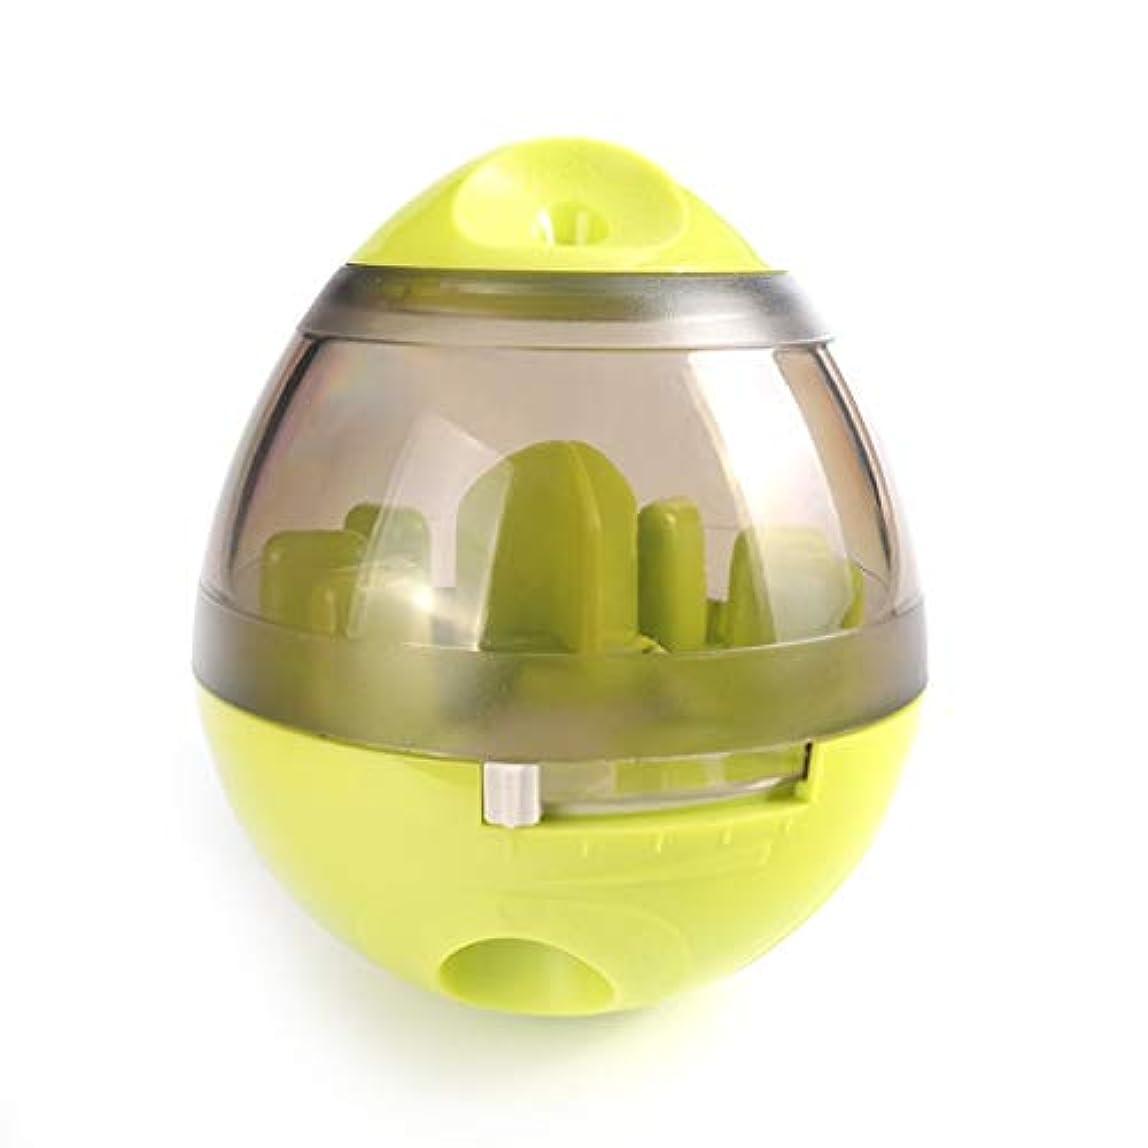 宣言するマンハッタン解読するIUYWLペットボール ペット用おもちゃ、タンブラーラバーベース、噛みにくいペット、フードボール、パズルペットトレーニングボール IUYWLペットボール (Color : Green)